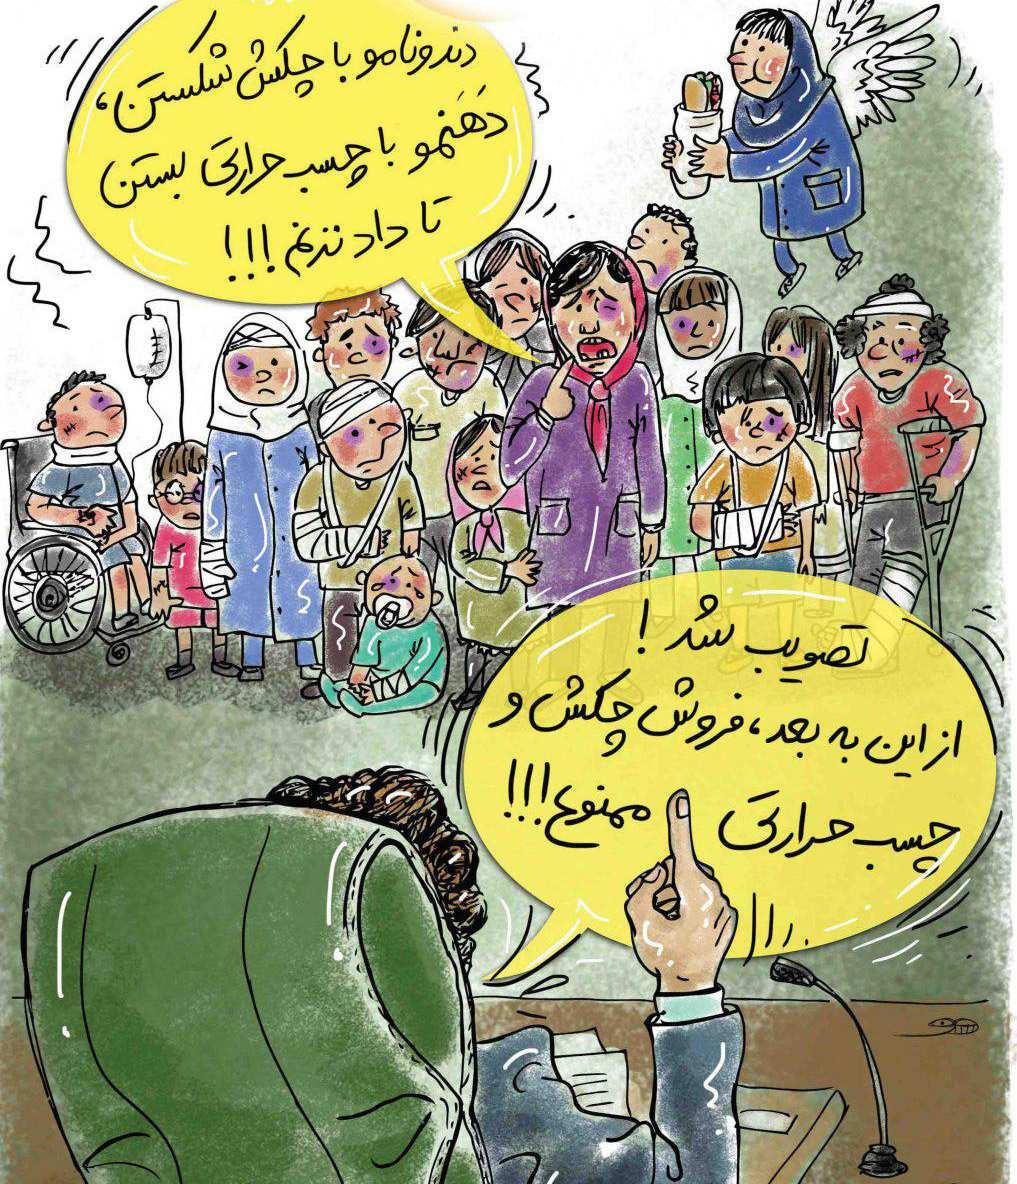 کاریکاتورلایحه حمایت از حقوق کودکان,کاریکاتور,عکس کاریکاتور,کاریکاتور اجتماعی